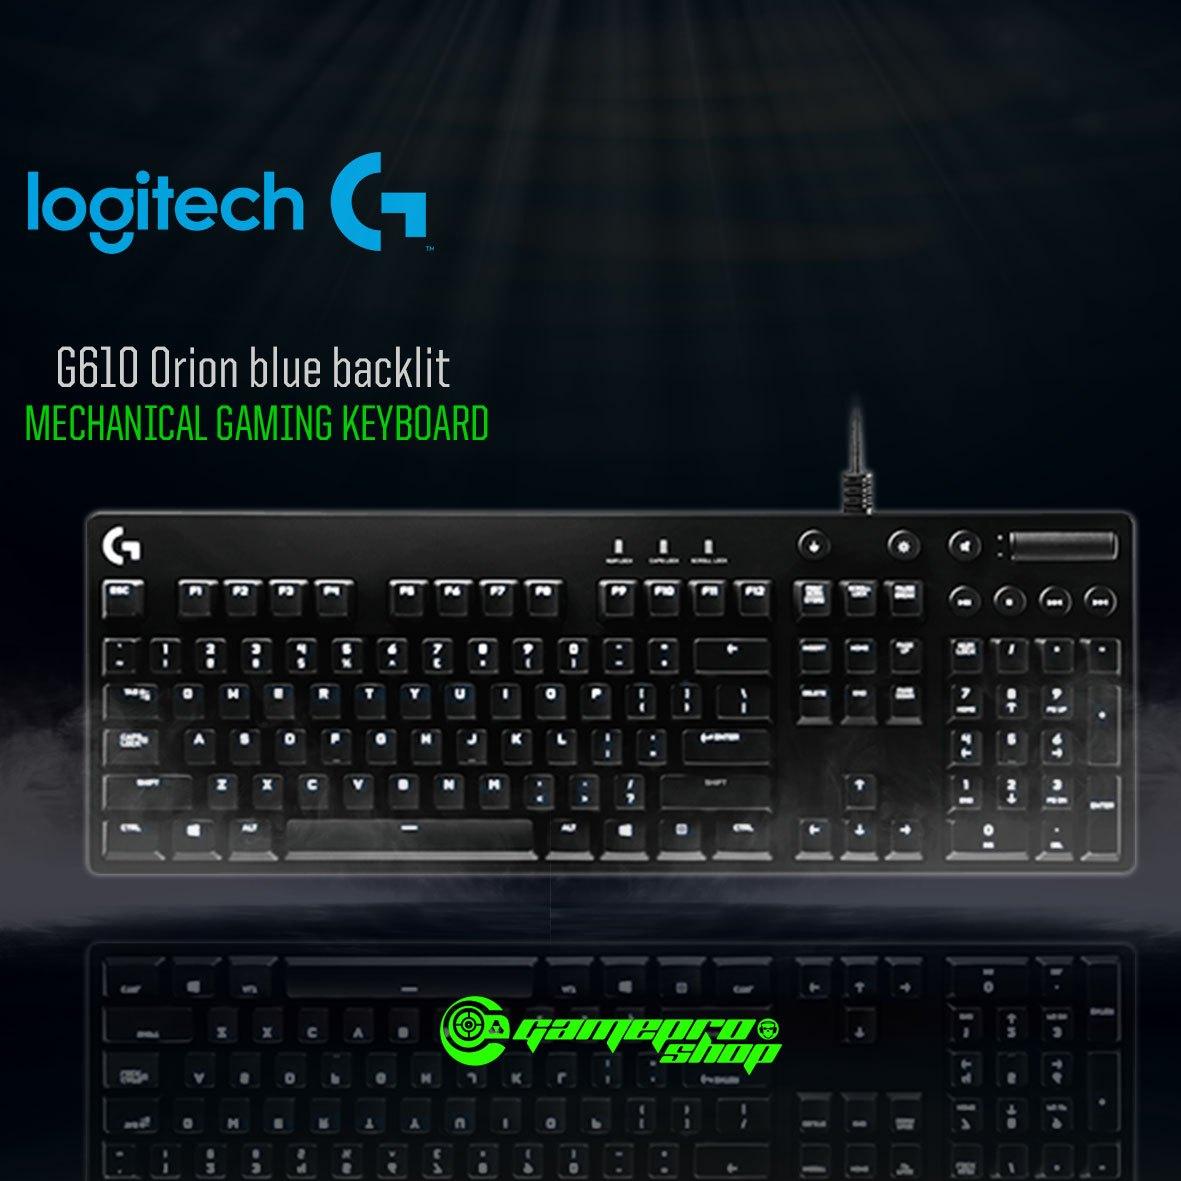 cd15c8fb4d1 Logitech G610 (920-008005) Orion blue backlit Mechanical Gaming ...